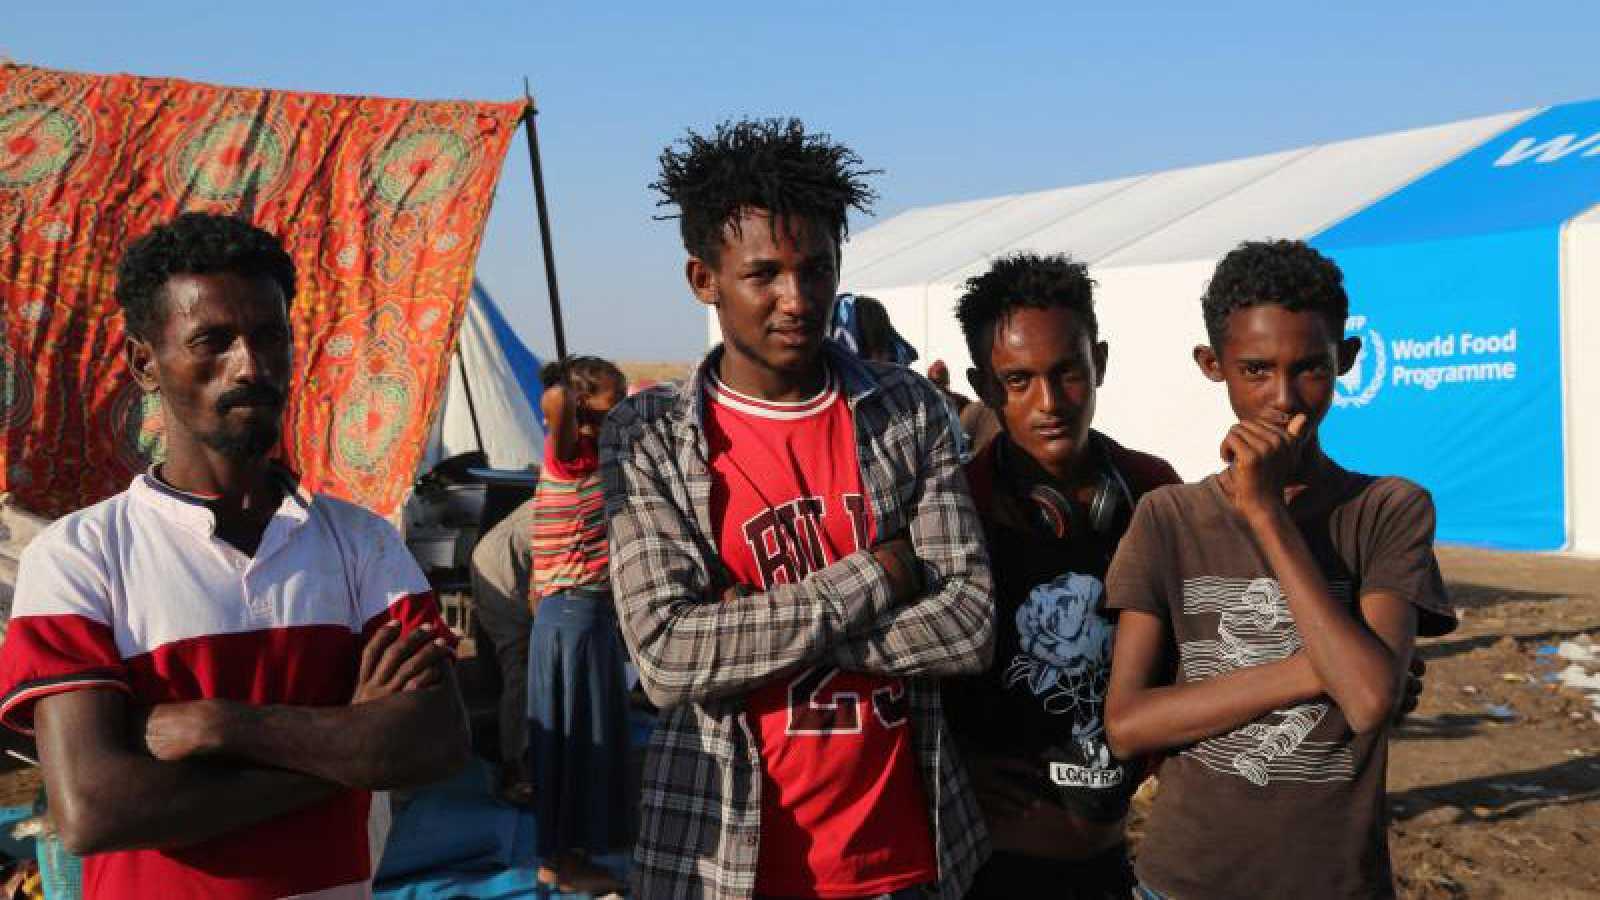 África hoy - Acnur y refugiados en Etiopía - 16/12/20 - escuchar ahora